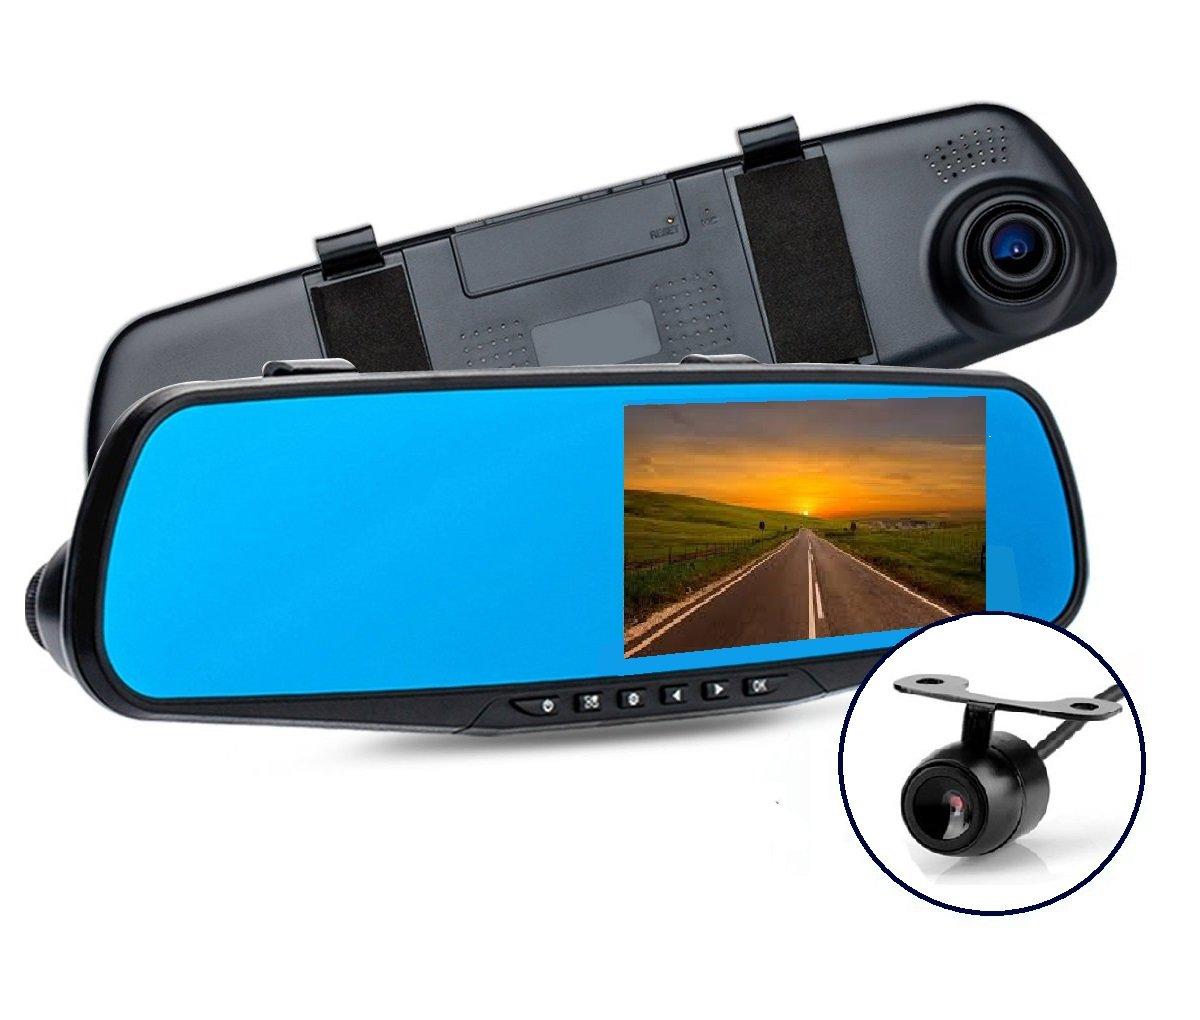 AB Caméra de tableau de bord avant et arrière du miroir 1080P - Caméra d'enregistrement à cristaux liquides à double largeur HD de 4,3' Caméra miroir de stationnement avec détecteur de mouvement, vision noct